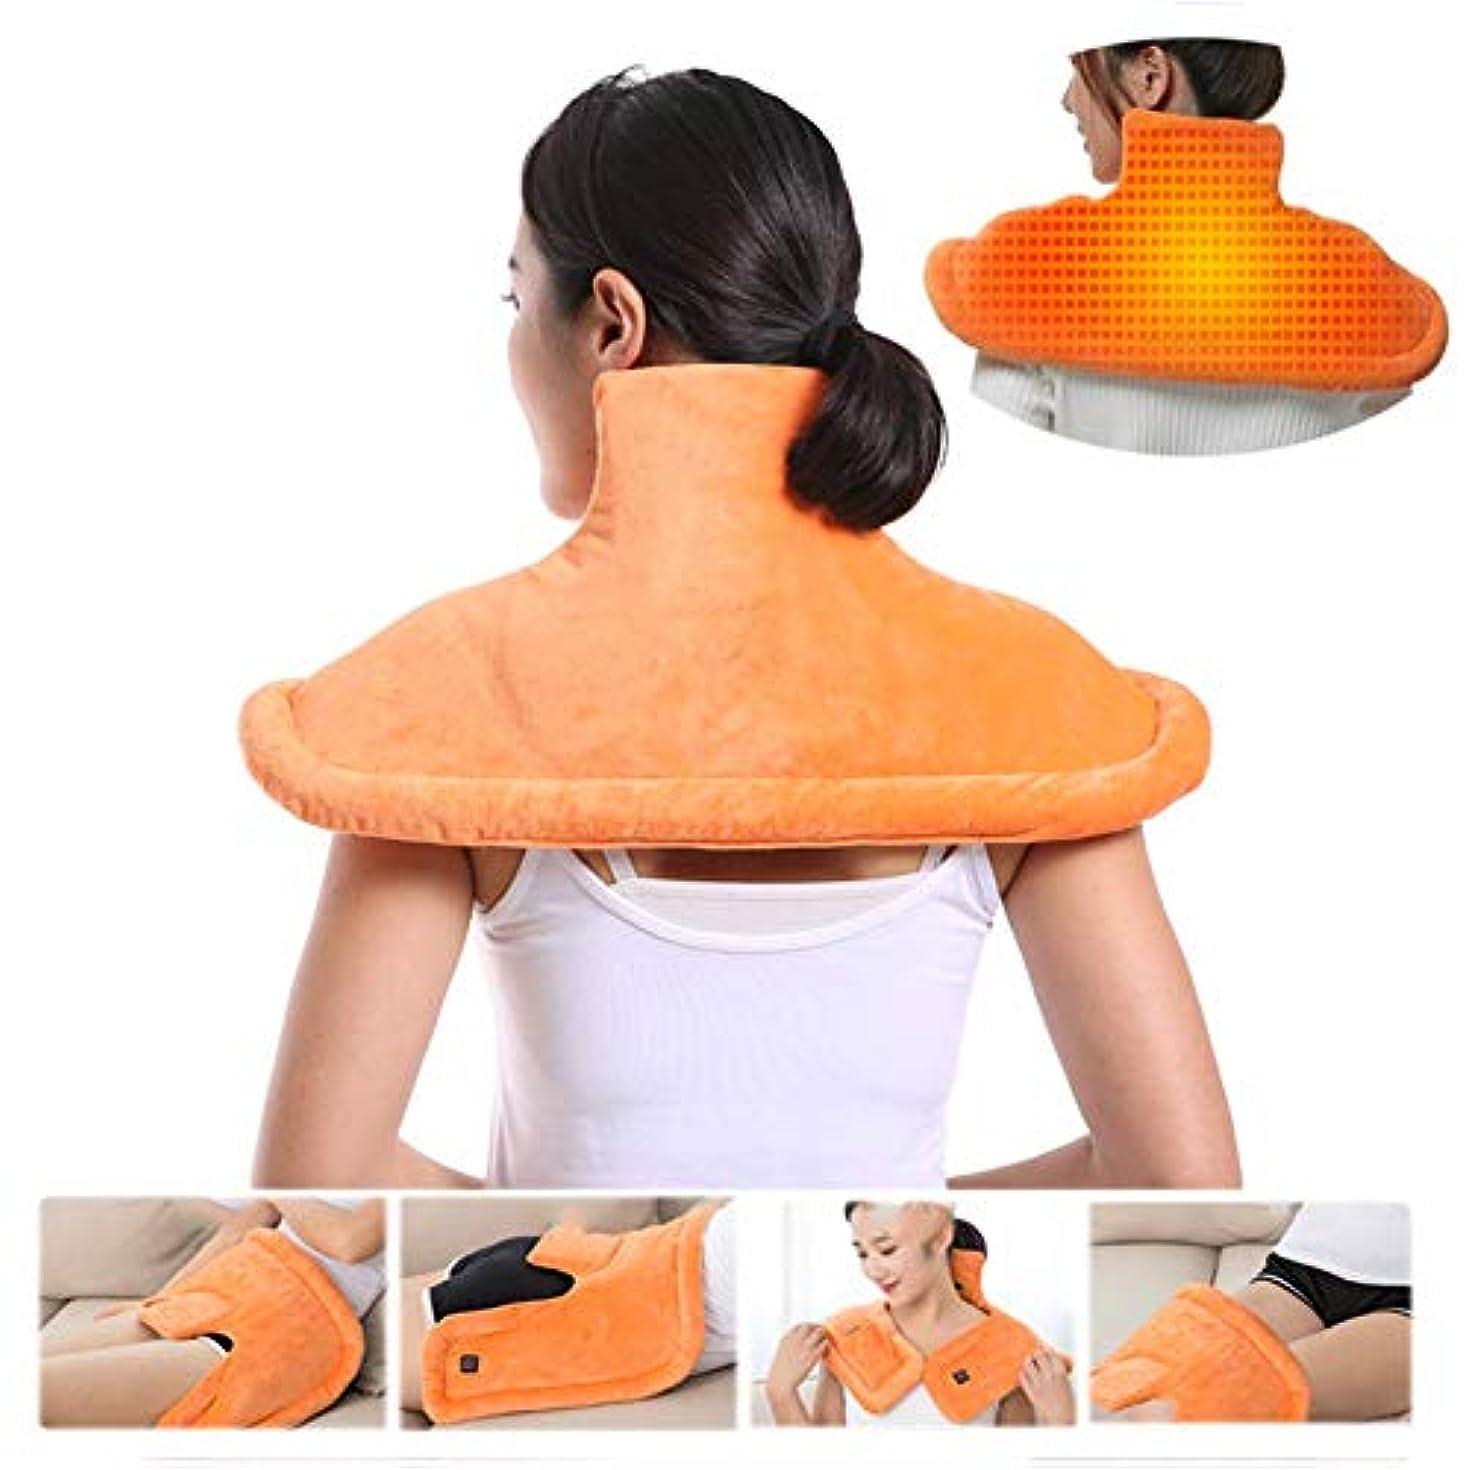 不安驚構想するSooger 電熱のストール 首の肩の背部暖房パッド、マッサージのヒートラップの熱くするショールの減圧のための調節可能な強度フルボディマッサージ首の肩暖房湿った熱療法のパッド